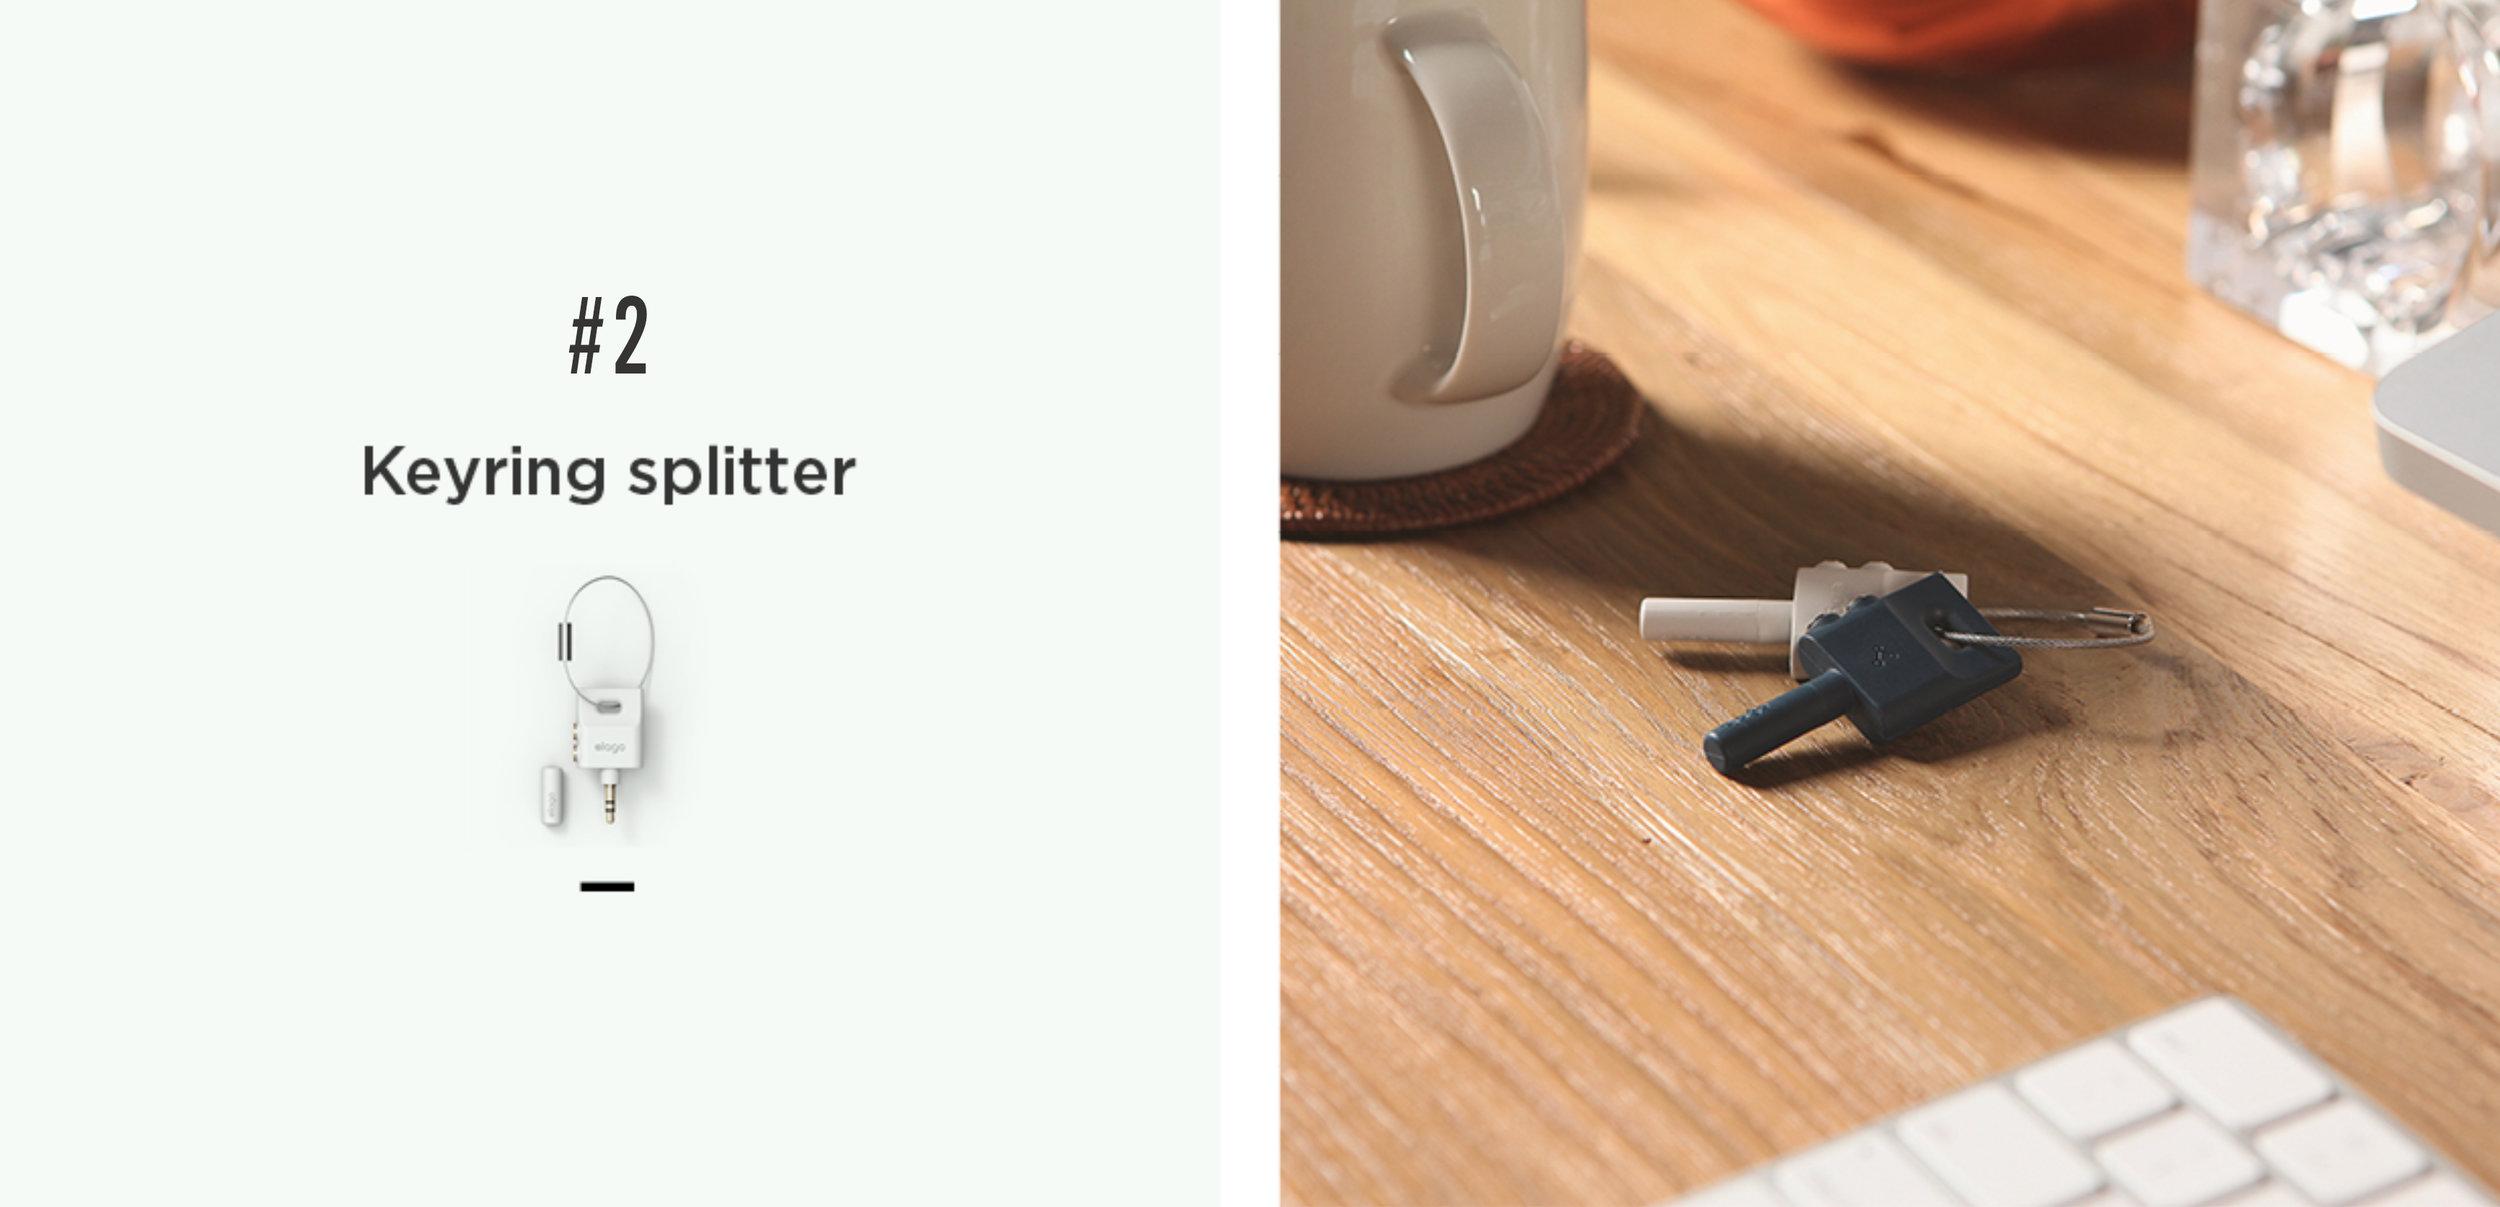 key-splitter-nightstand.jpg